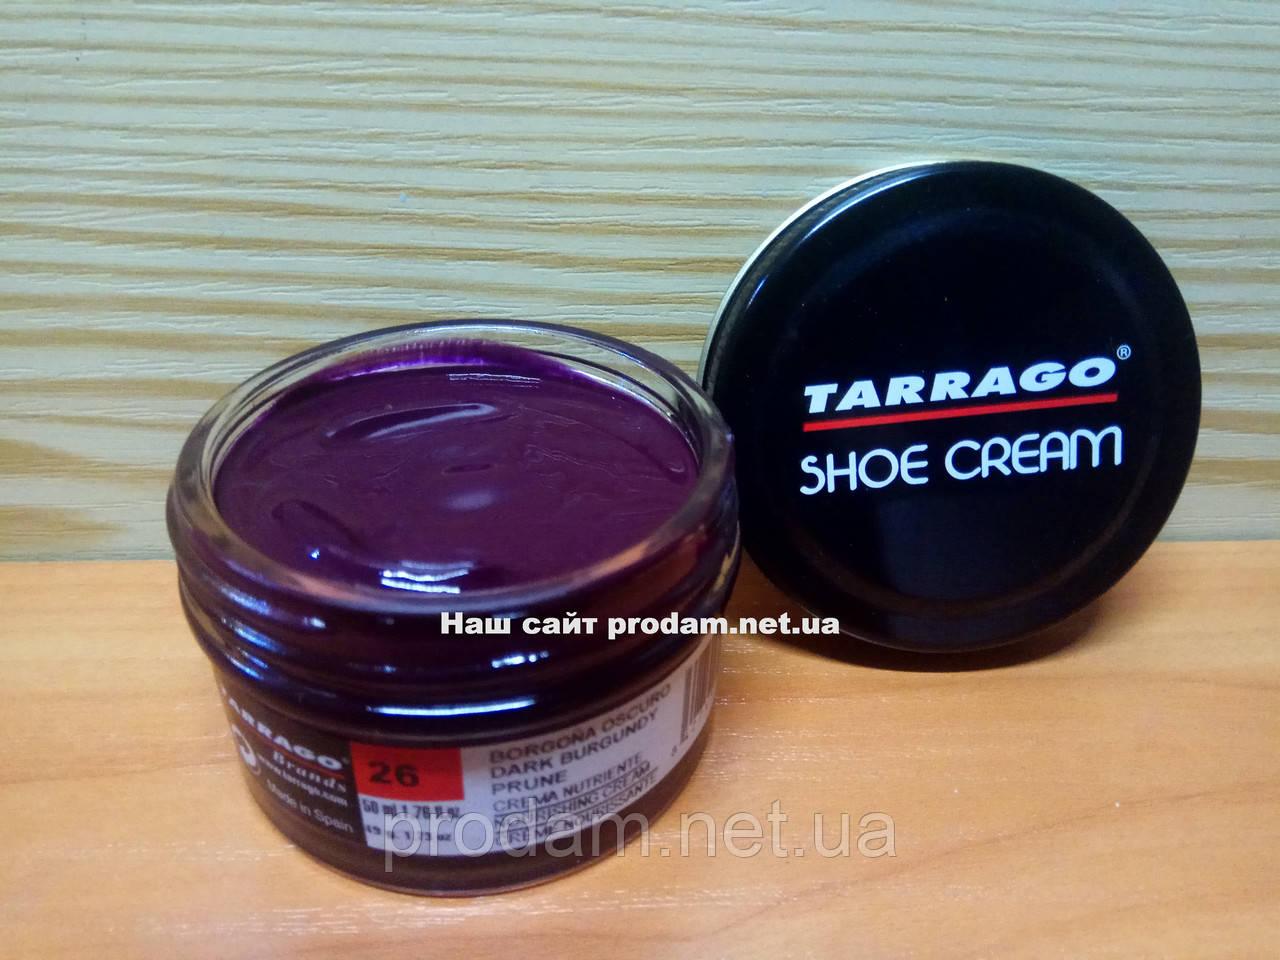 Крем для обуви  из гладкой кожи Tarrago